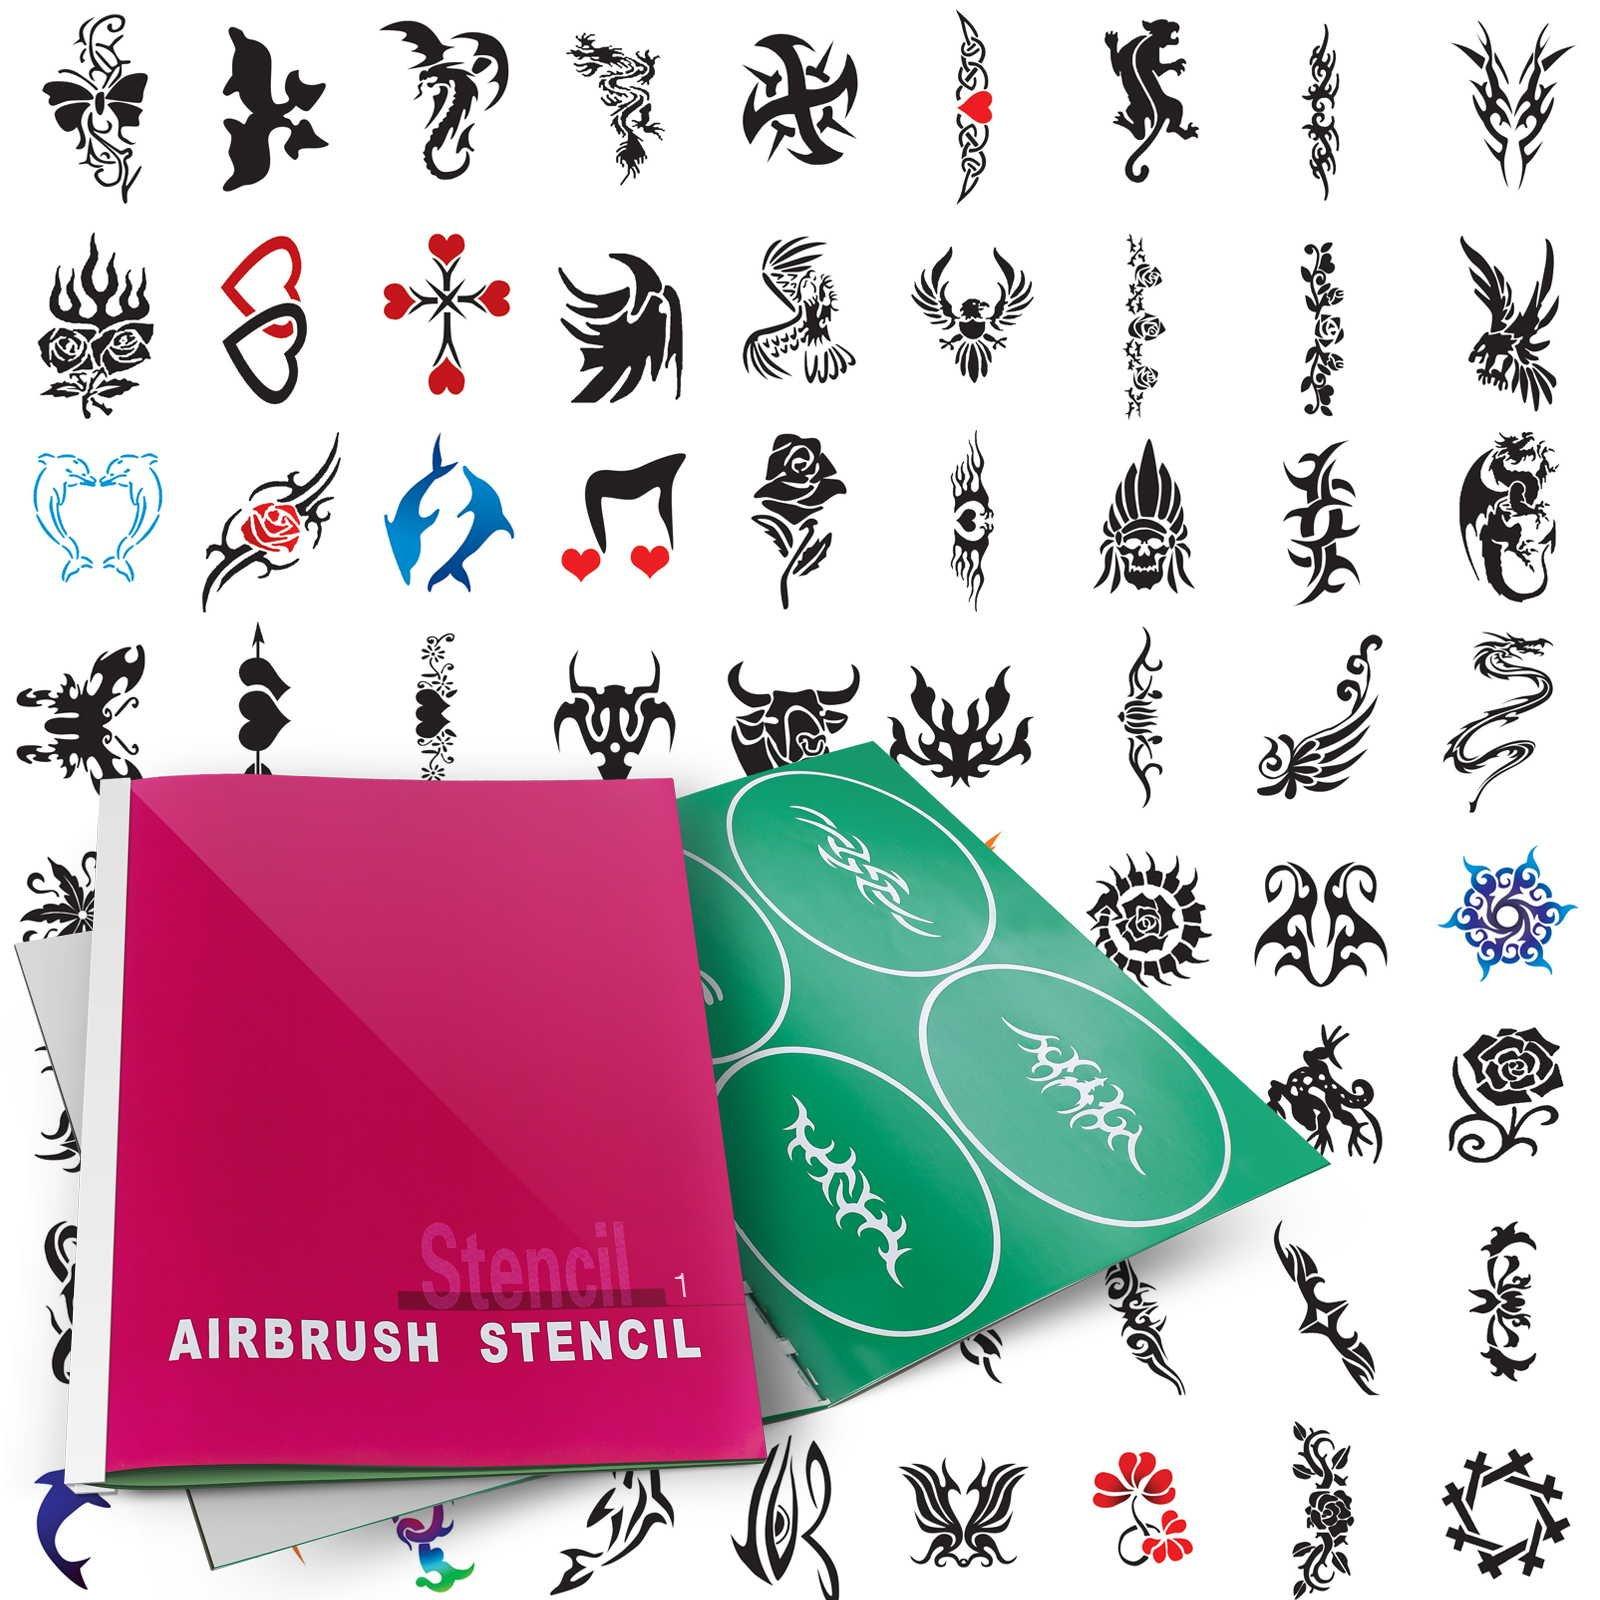 PointZero Temporary Tattoo Airbrush Stencils 100 Designs - Book 1 by Point Zero